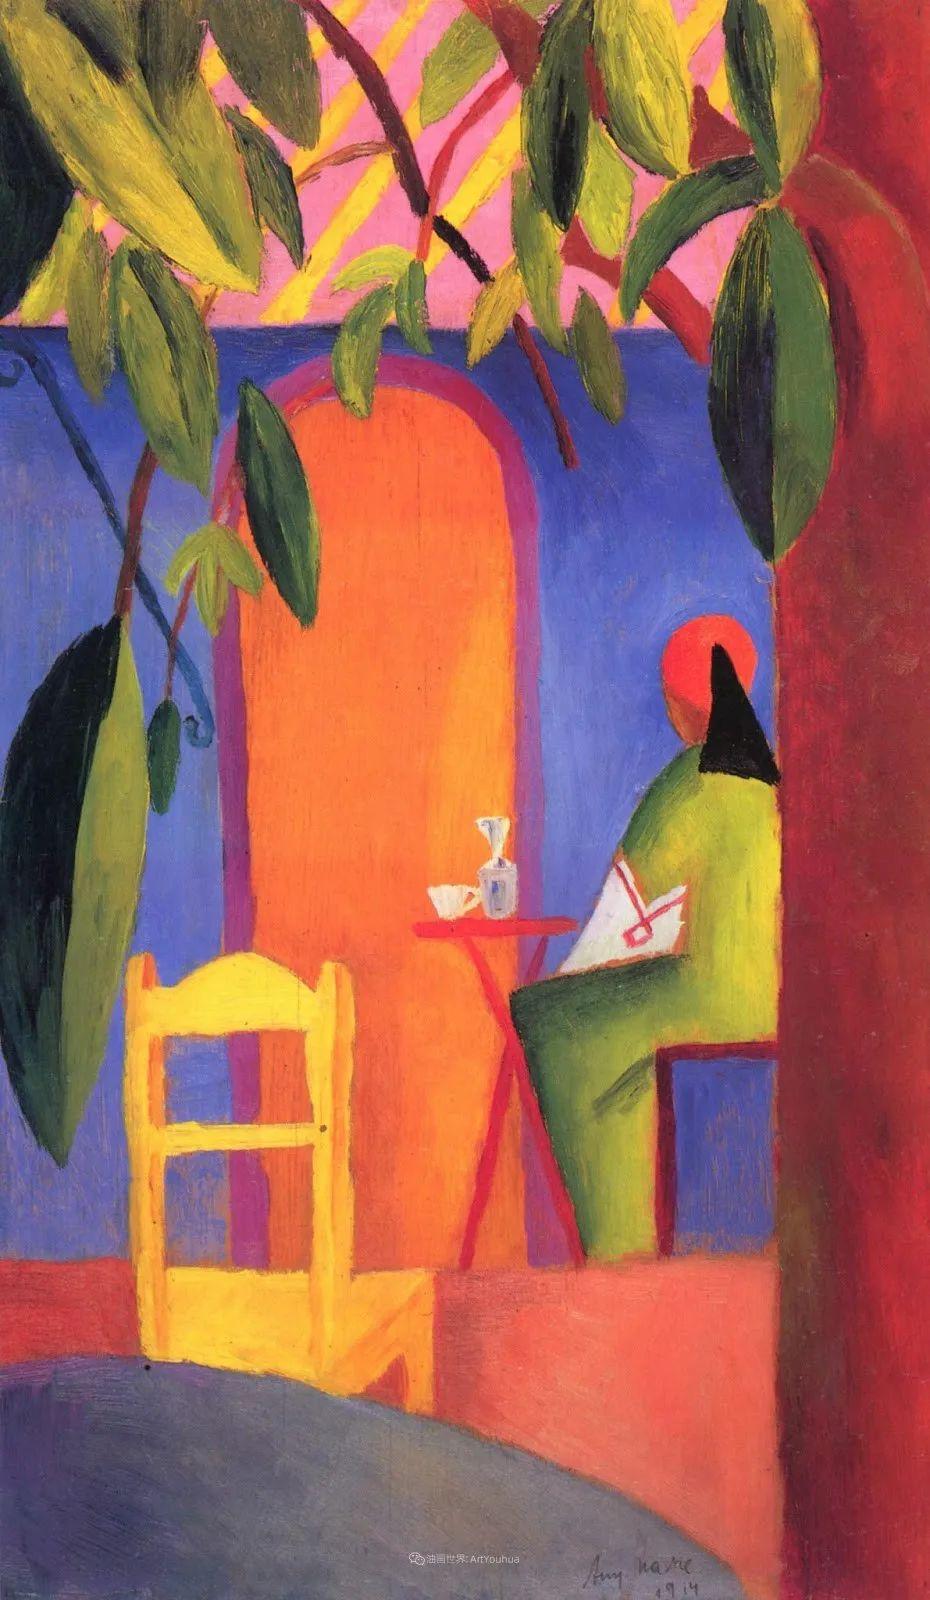 画面色彩的力量,德国表现主义画家奥古斯特·马克插图87